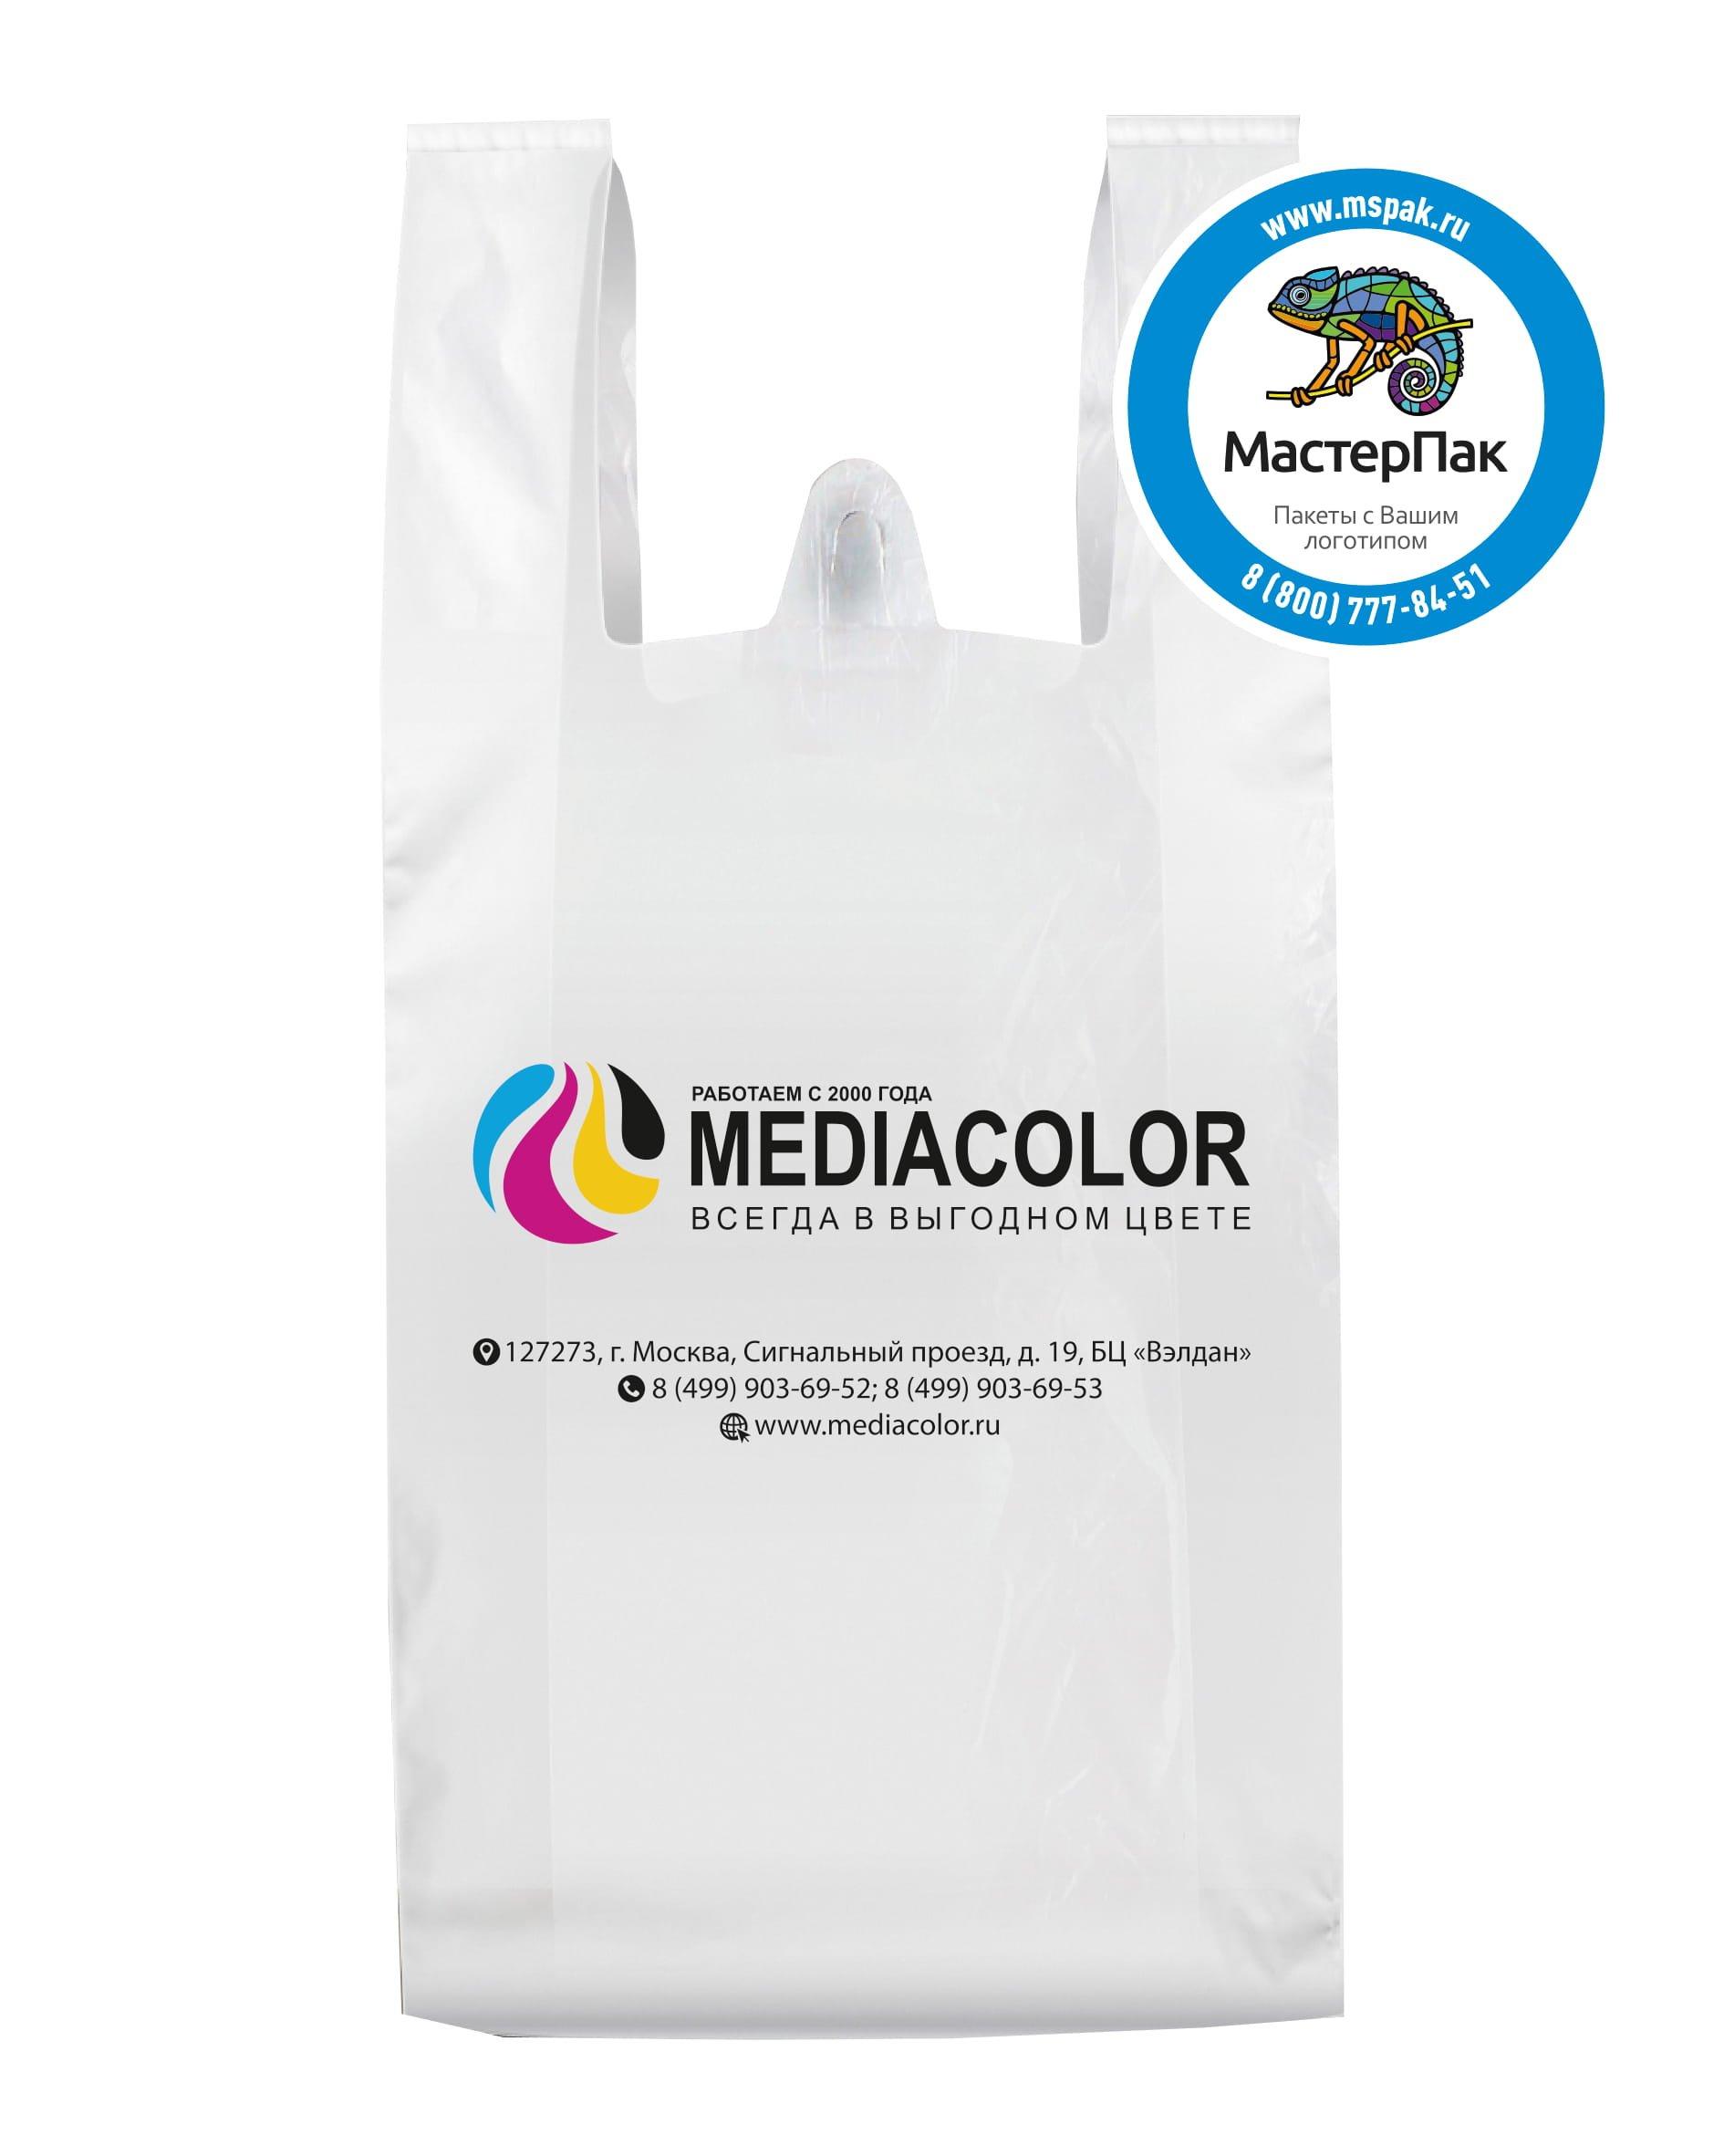 Пакет-майка ПВД с логотипом Mediacolor, Москва, 30 мкм, 40*60